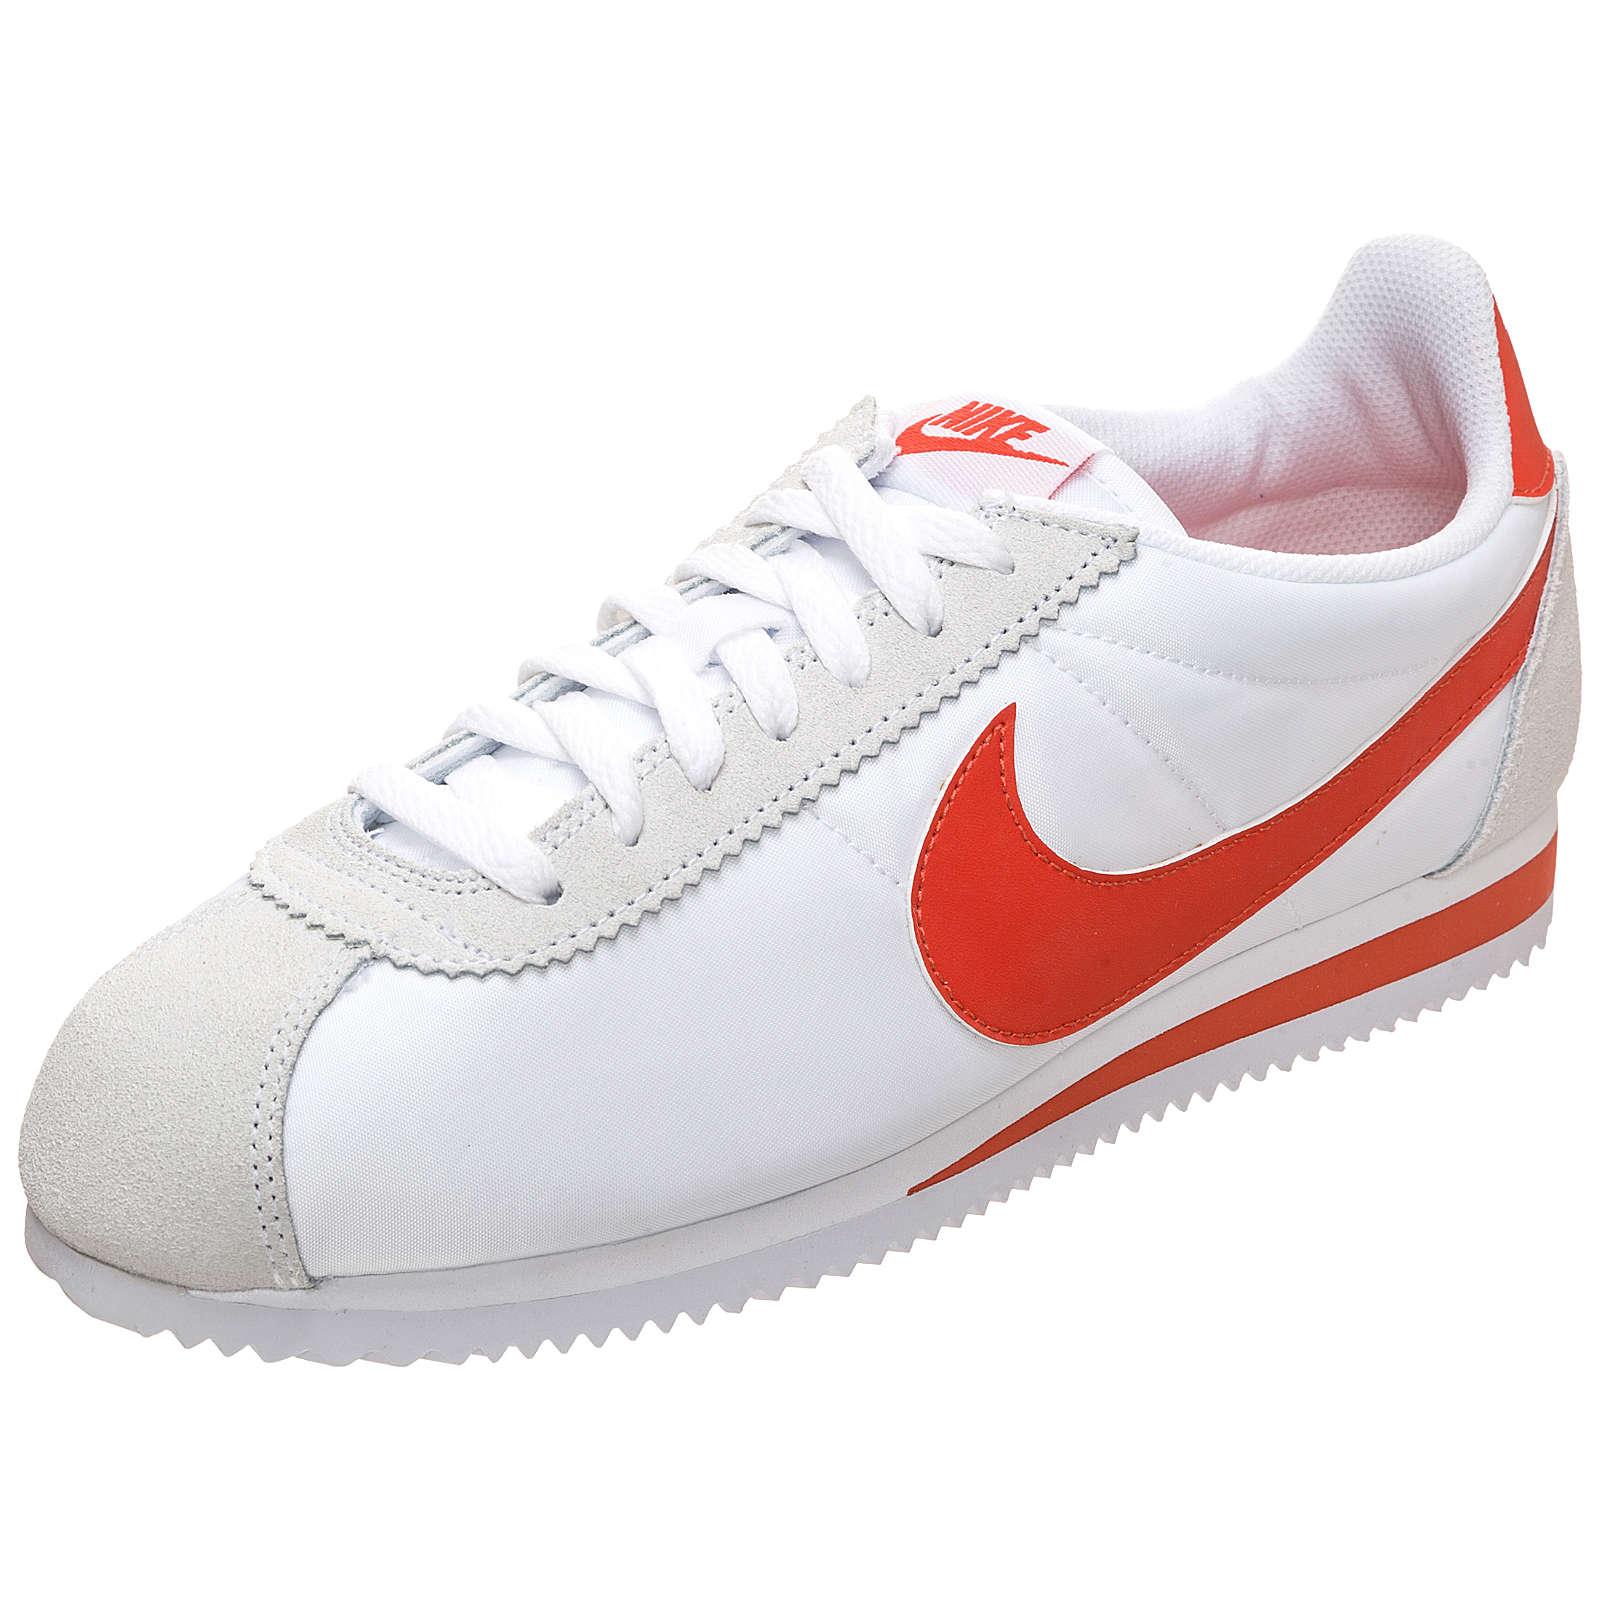 Nike Sportswear Classic Cortez Sneakers Low rot/weiß Herren Gr. 39